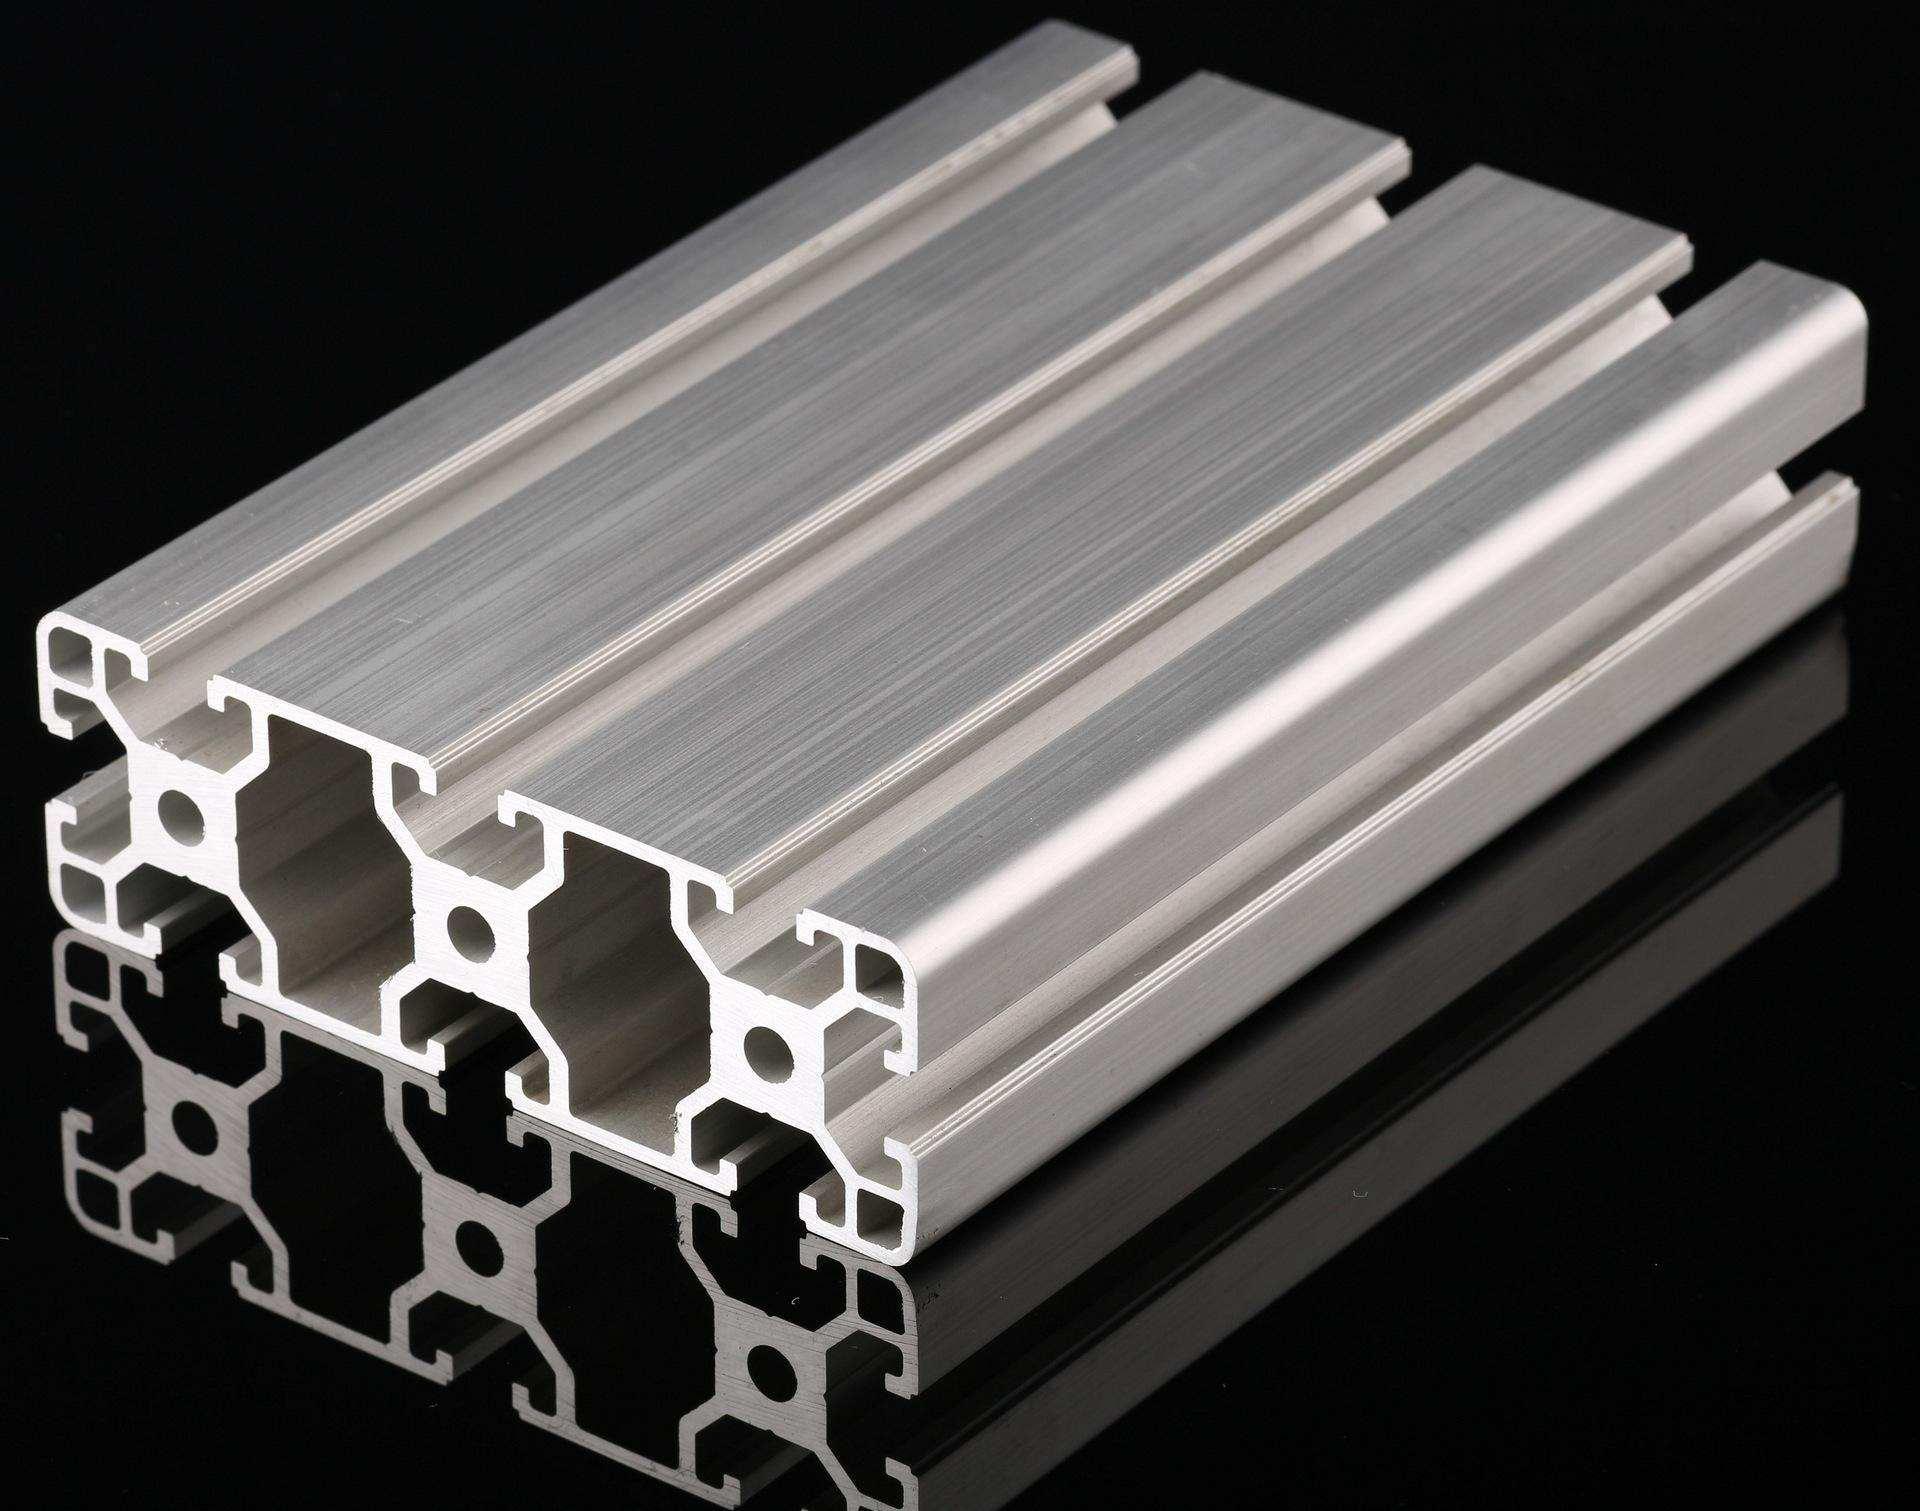 散热片铝型材出现吸附颗粒的主要受铸棒、模具和挤压工艺,这些知识一定要了解!